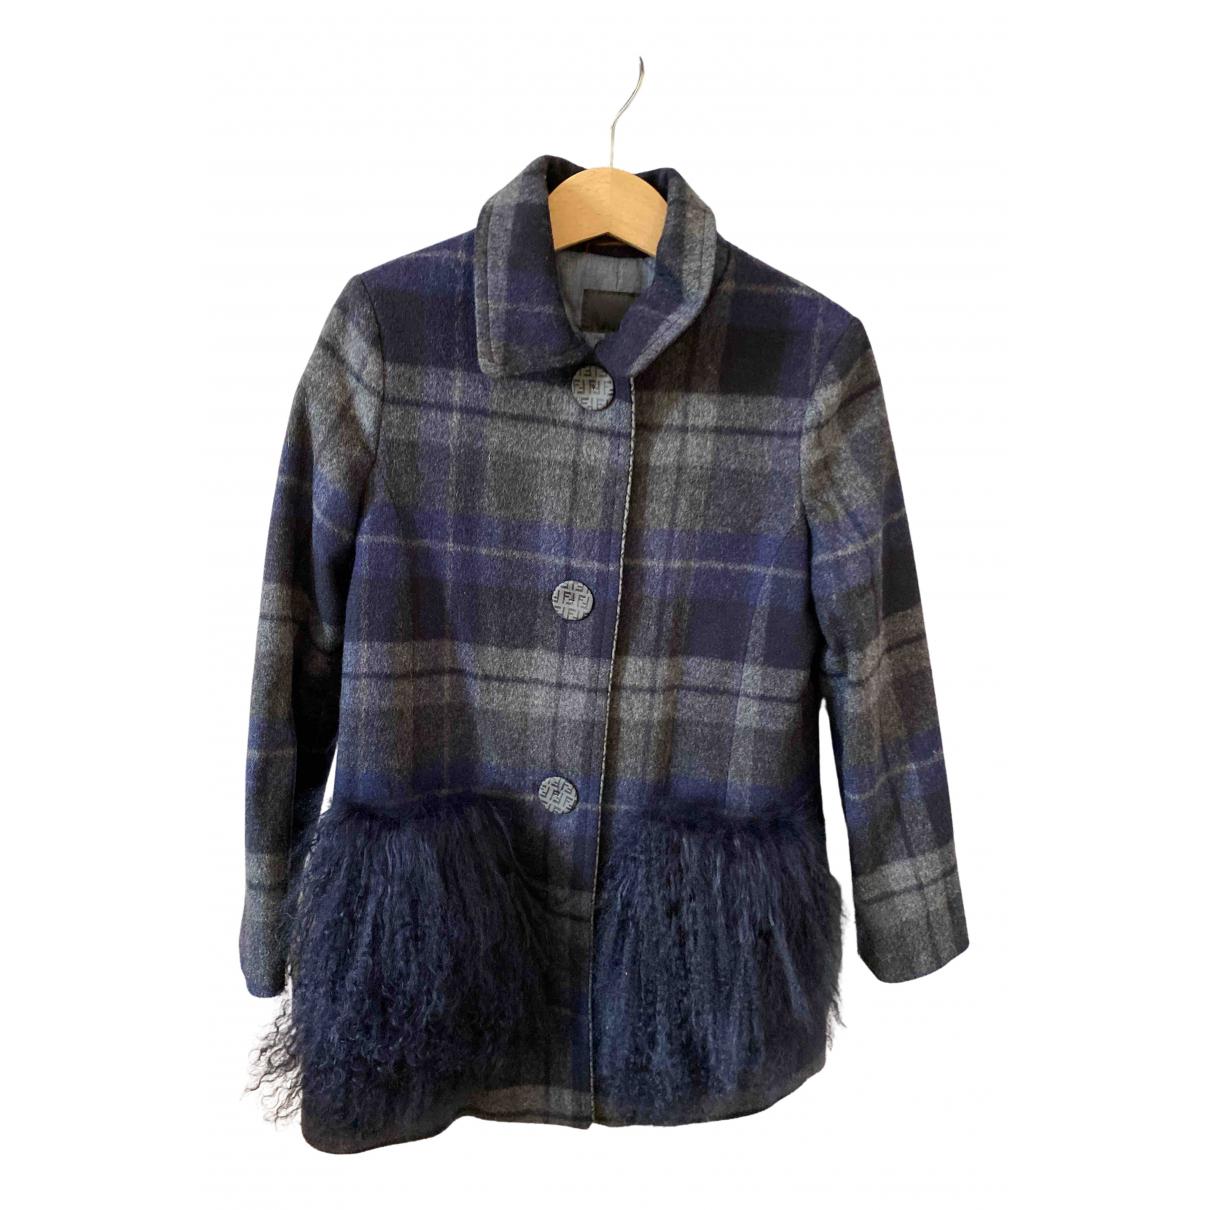 Fendi \N Jacke, Maentel in  Blau Wolle